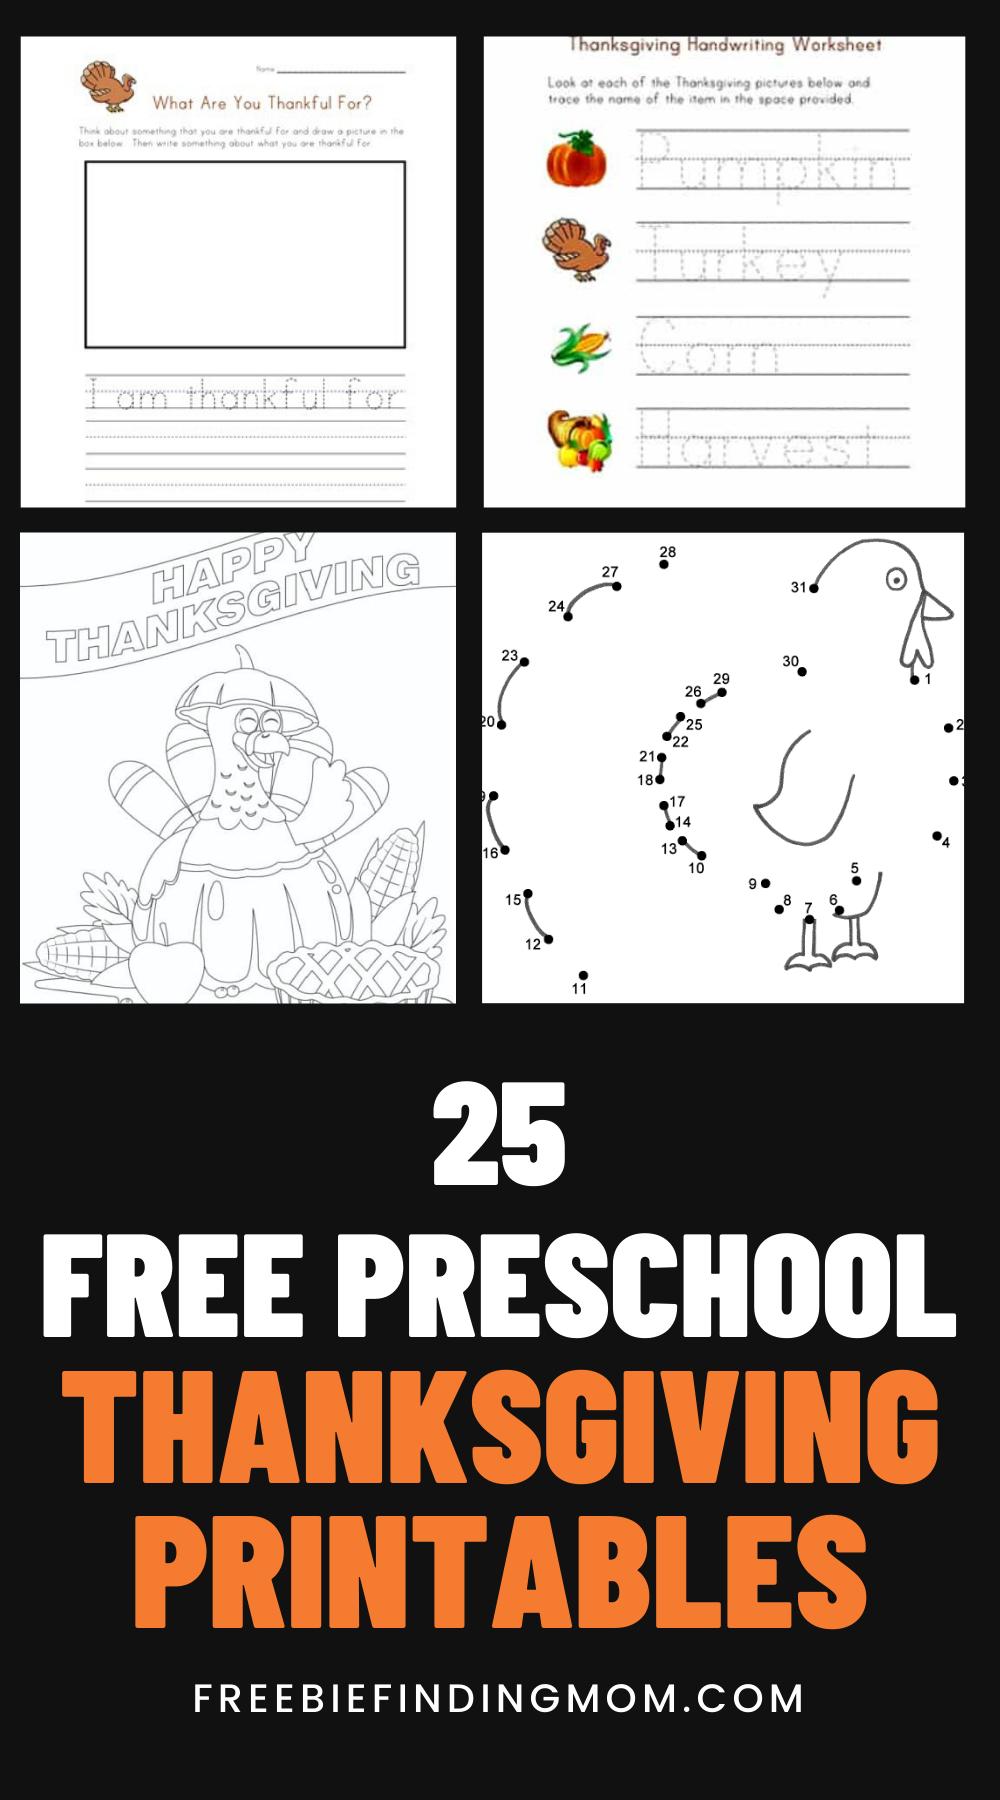 25 Free Preschool Thanksgiving Printables Freebie Finding Mom Thanksgiving Preschool Free Preschool Thanksgiving Activities Preschool [ 1800 x 1000 Pixel ]